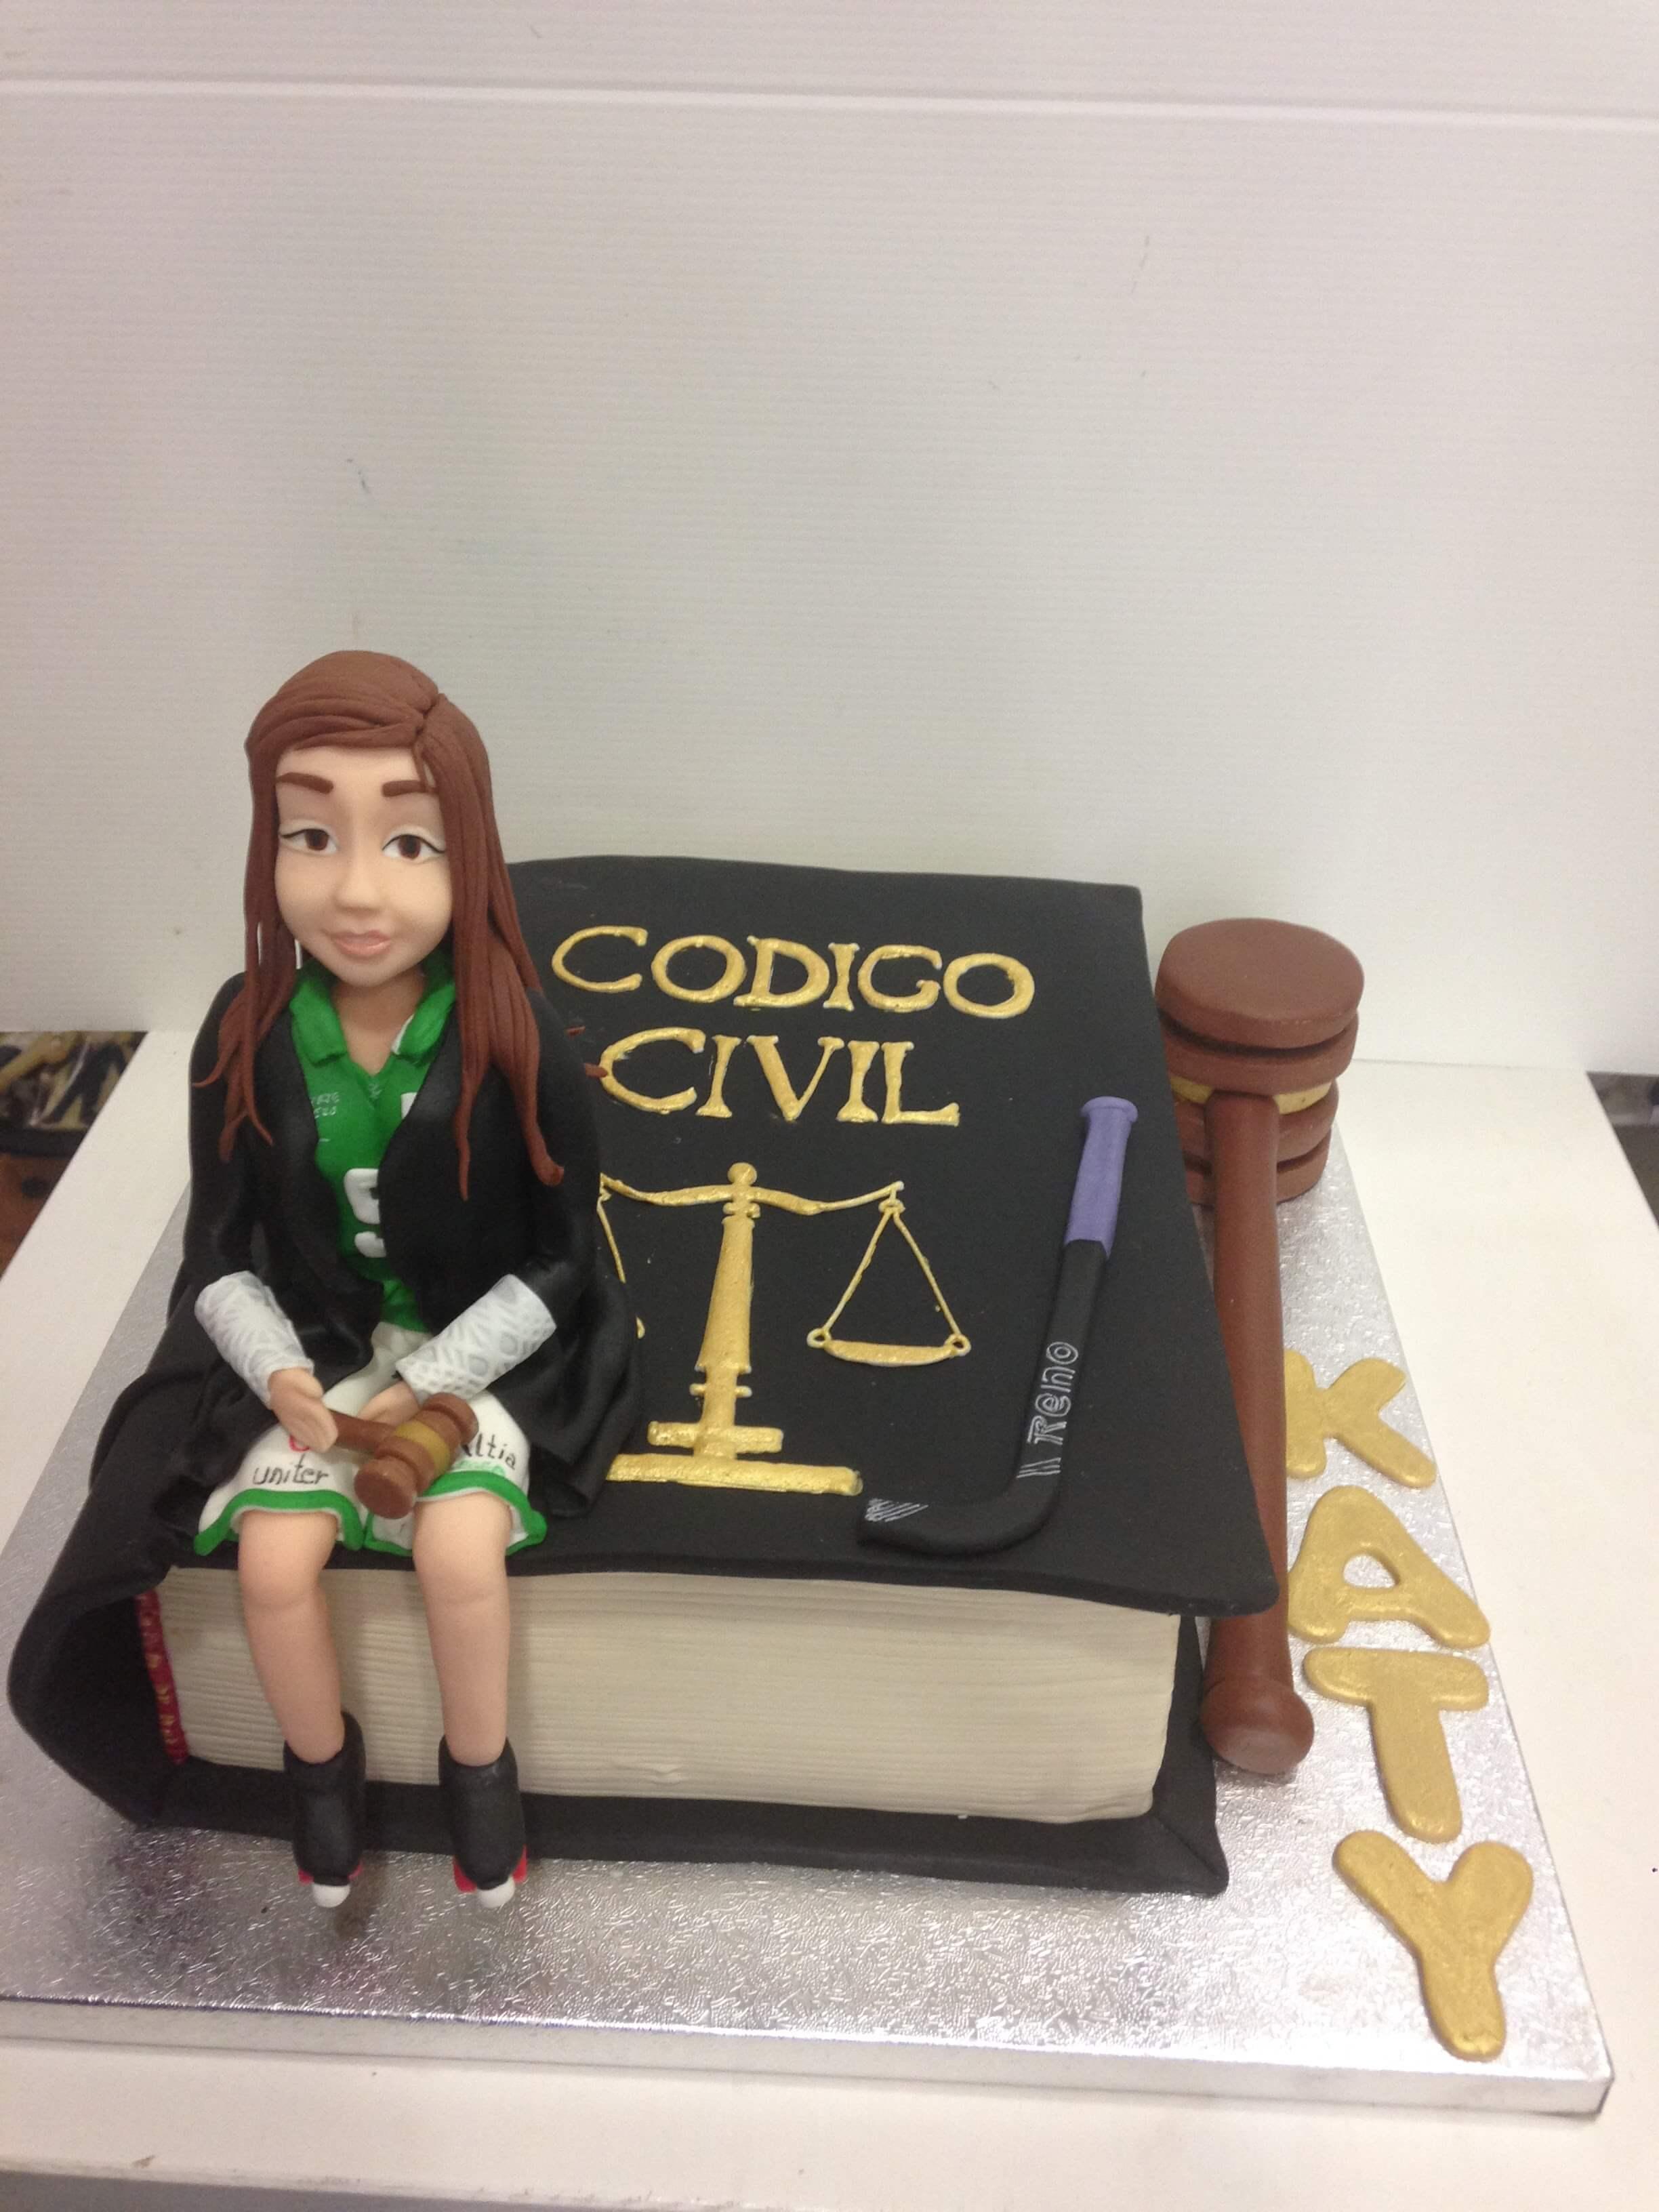 Tarta personalizada cumpleaños fondant código civil libro chica hockey coruña